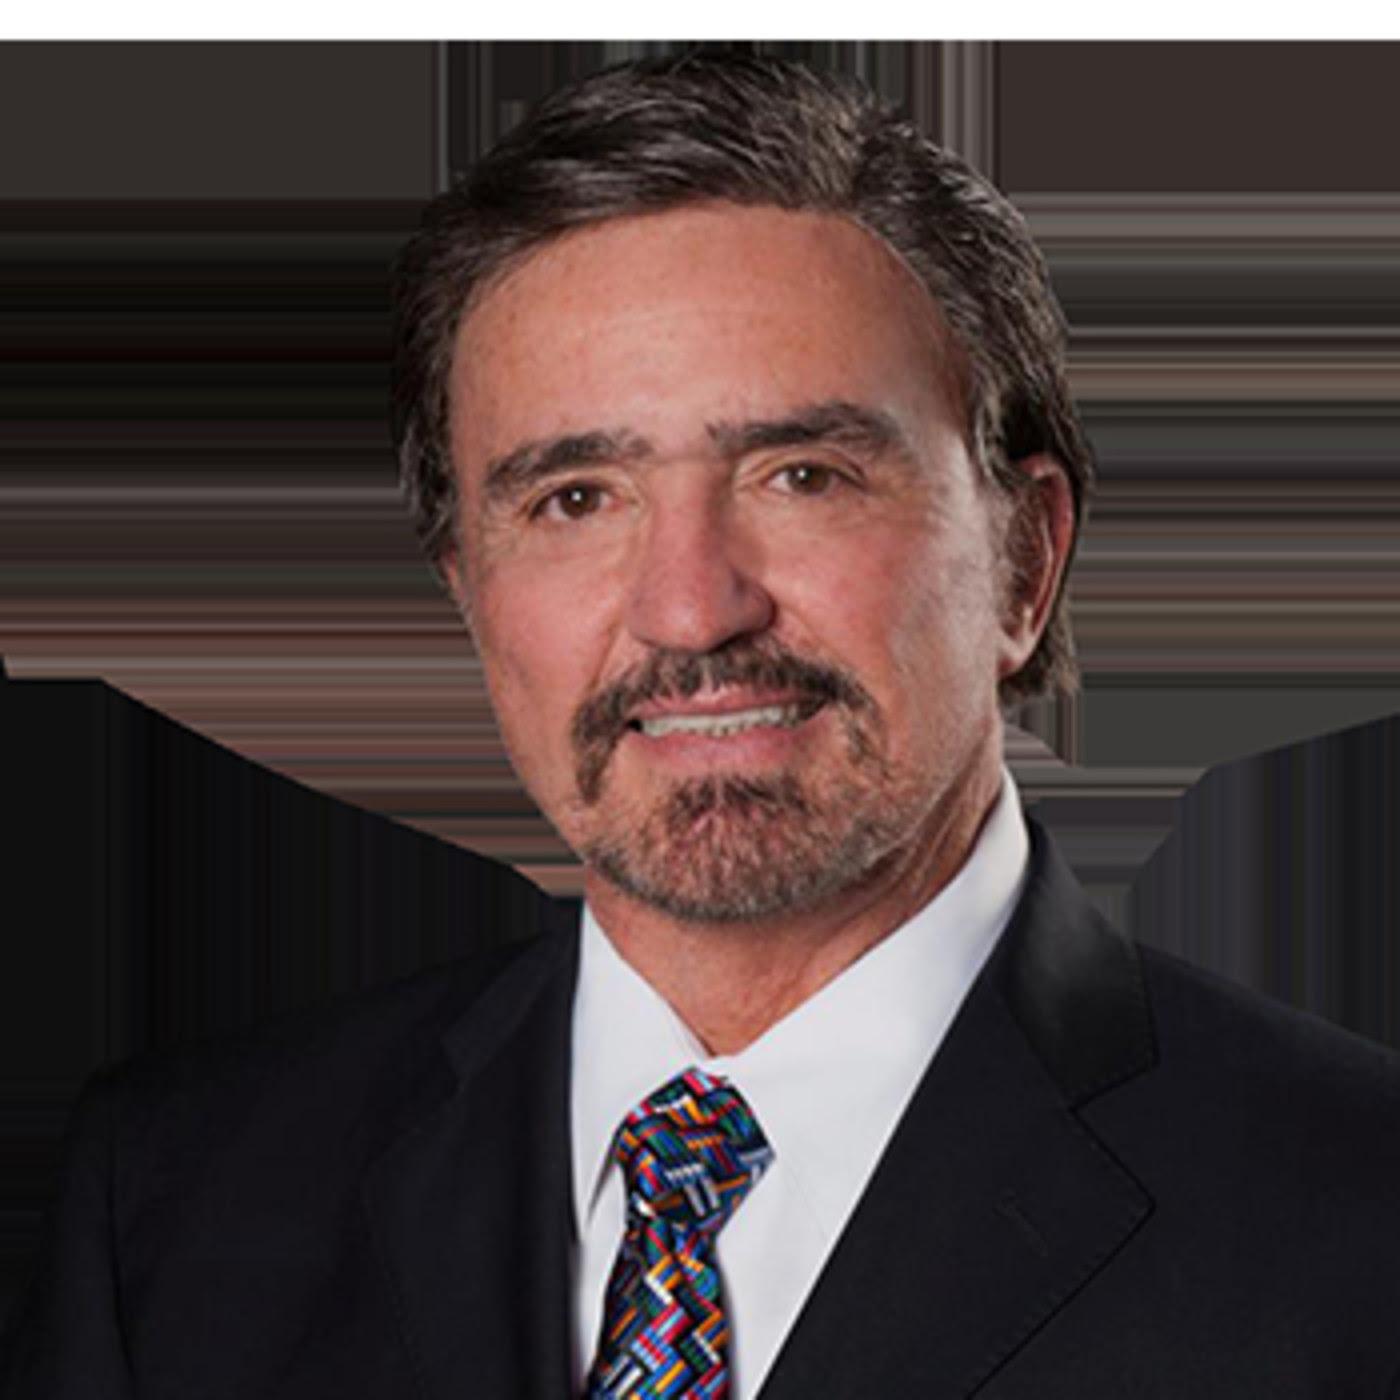 El Evangelio Verdadero Dr Armando Alducin En Predicas Por Armando Alducin En Mp3 19 04 A Las 19 31 56 56 07 25505745 Ivoox